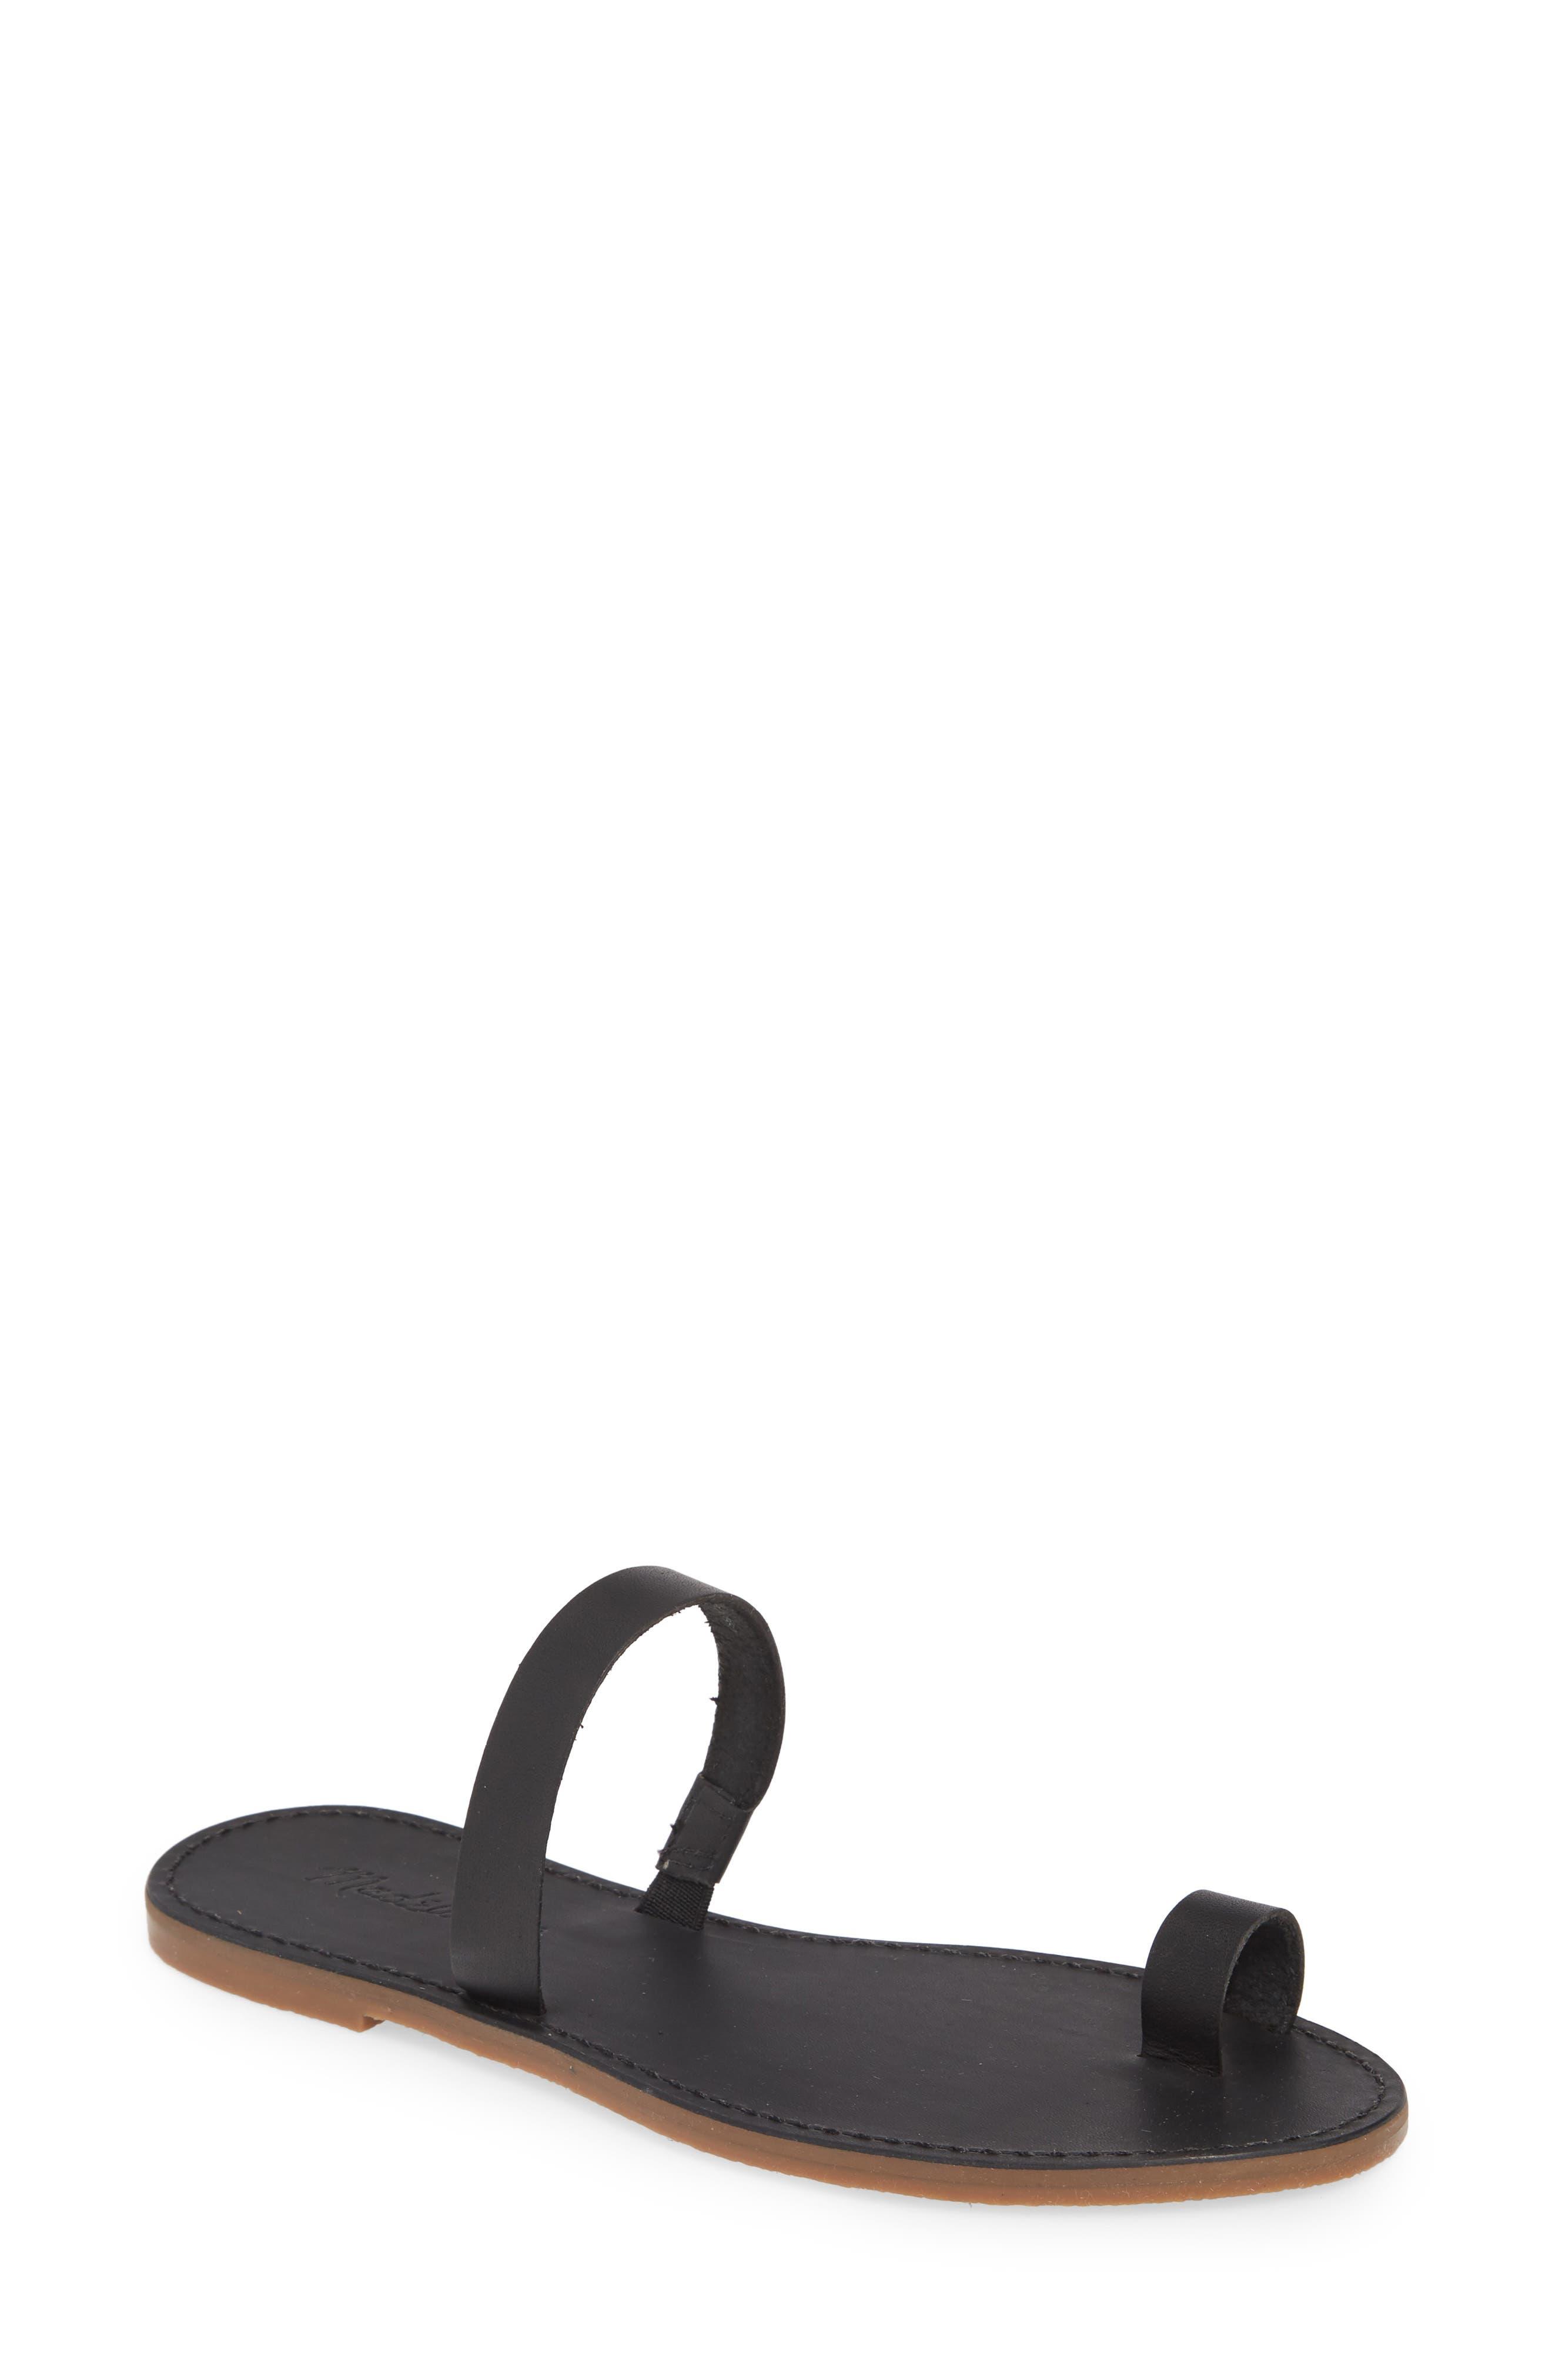 The Boardwalk Bare Slide Sandal